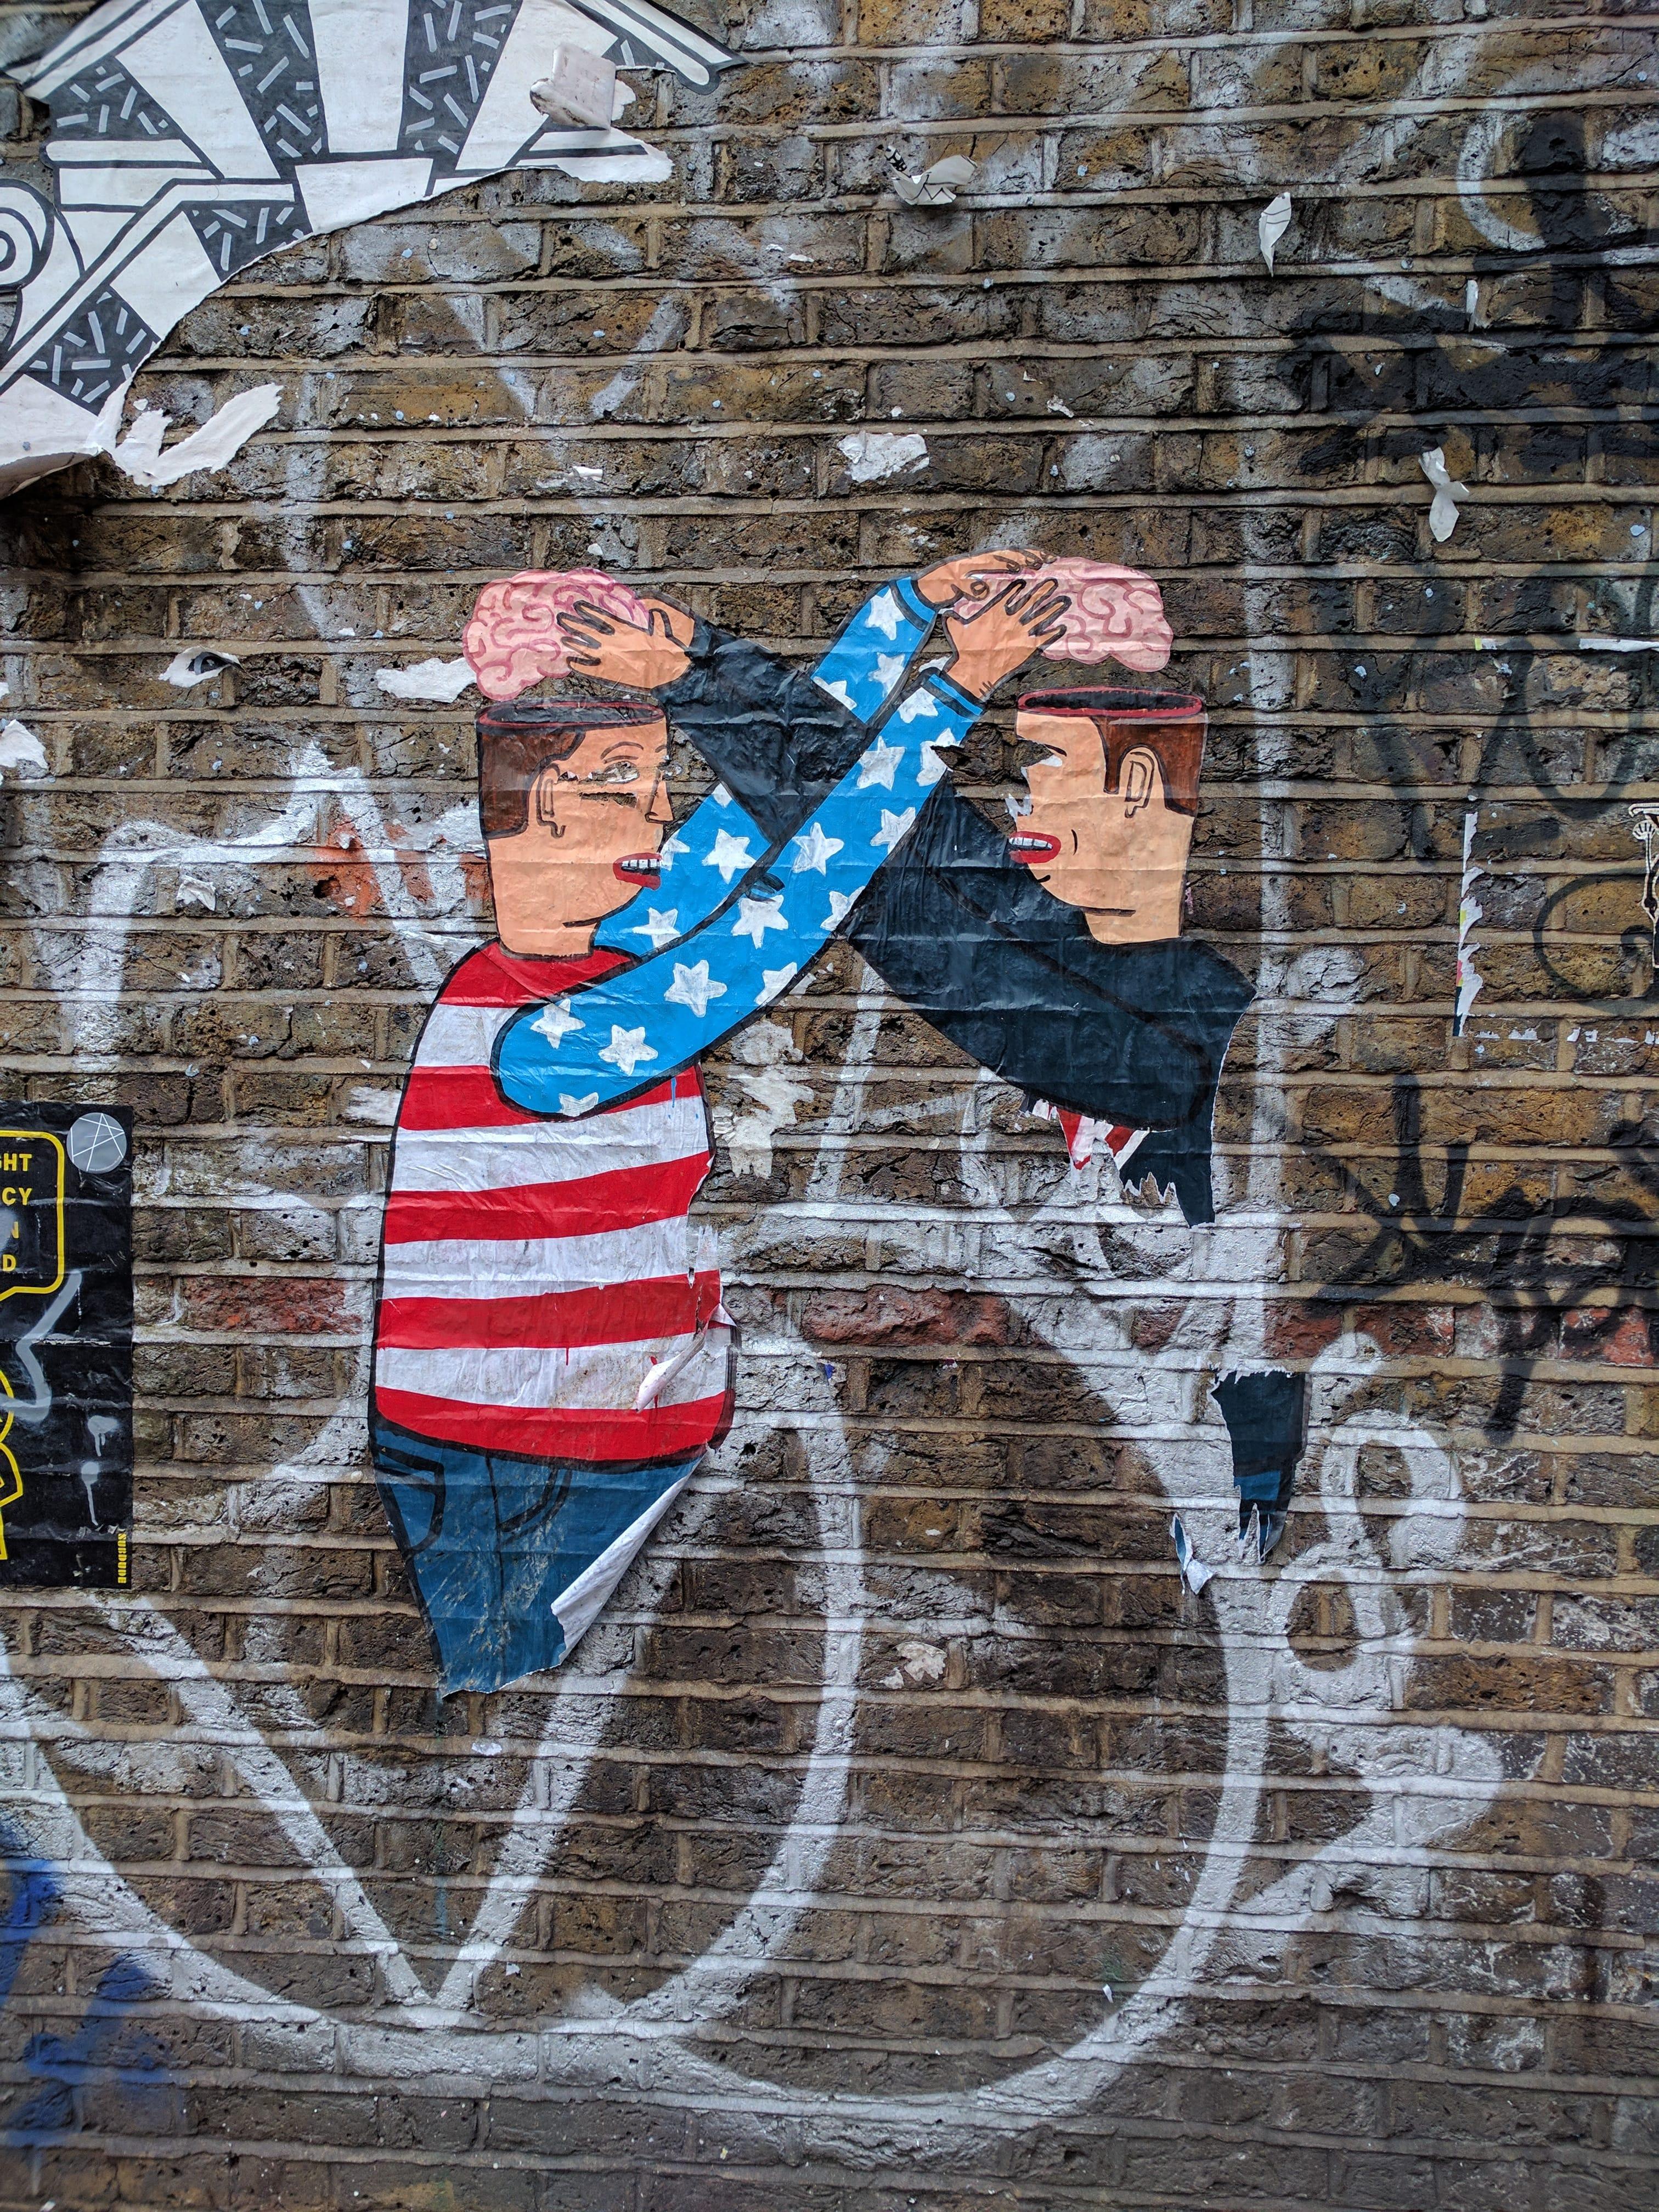 099-graffiti16